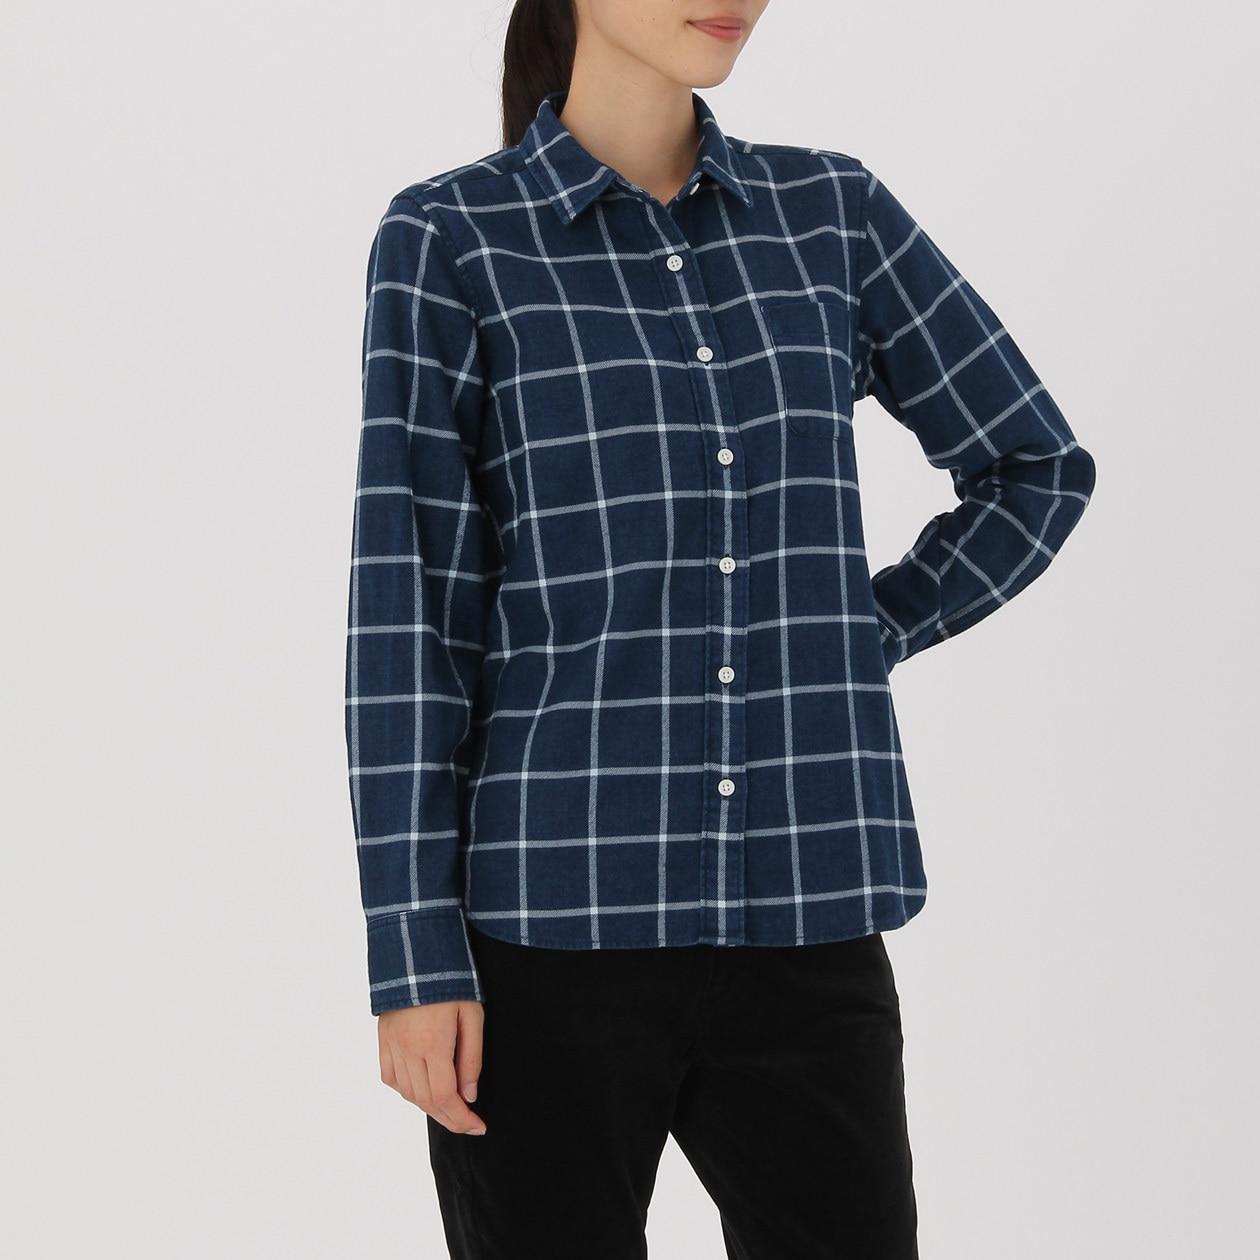 オーガニックコットンフランネルインディゴチェックシャツ